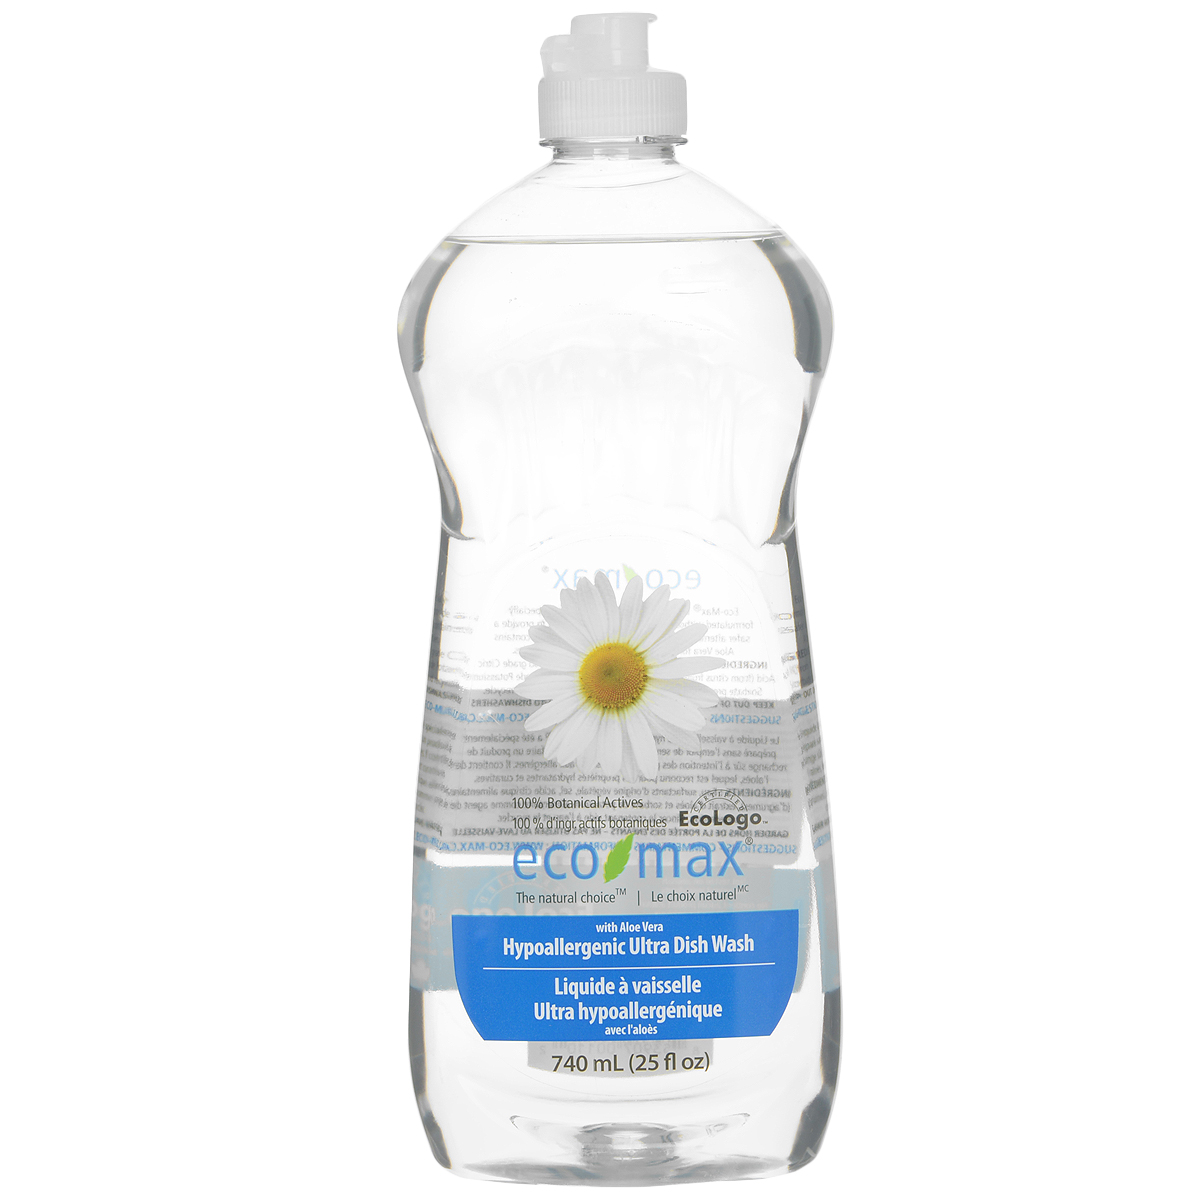 Средство для мытья посуды Eco Max, гипоаллергенное, 740 млEmax-C110Средство для мытья посуды Eco Max - натуральное гипоаллергенное средство без запаха, на 100% растительной основе, полностью биоразлагаемое. Средство безопасно для кожи рук и прекрасно подходит для мытья детских бутылочек, чашек, сосок, молокоотсосов и т.д. В этом средстве используются активные чистящие вещества ингредиентов, полученных из биоразлагаемых и возобновляемых растительных источников. Специально разработано без использования сенсибилизаторов и безопасно для людей, чувствительных к различным запахам. Содержит алоэ вера, обладающее увлажняющими и заживляющими свойствами. Состав: вода, ПАВ растительного происхождения, растительный экстракт алоэ вера, соль, пищевой сорбат калия в качестве консерванта, пищевая лимонная кислота (из плодов лимона). Товар сертифицирован.